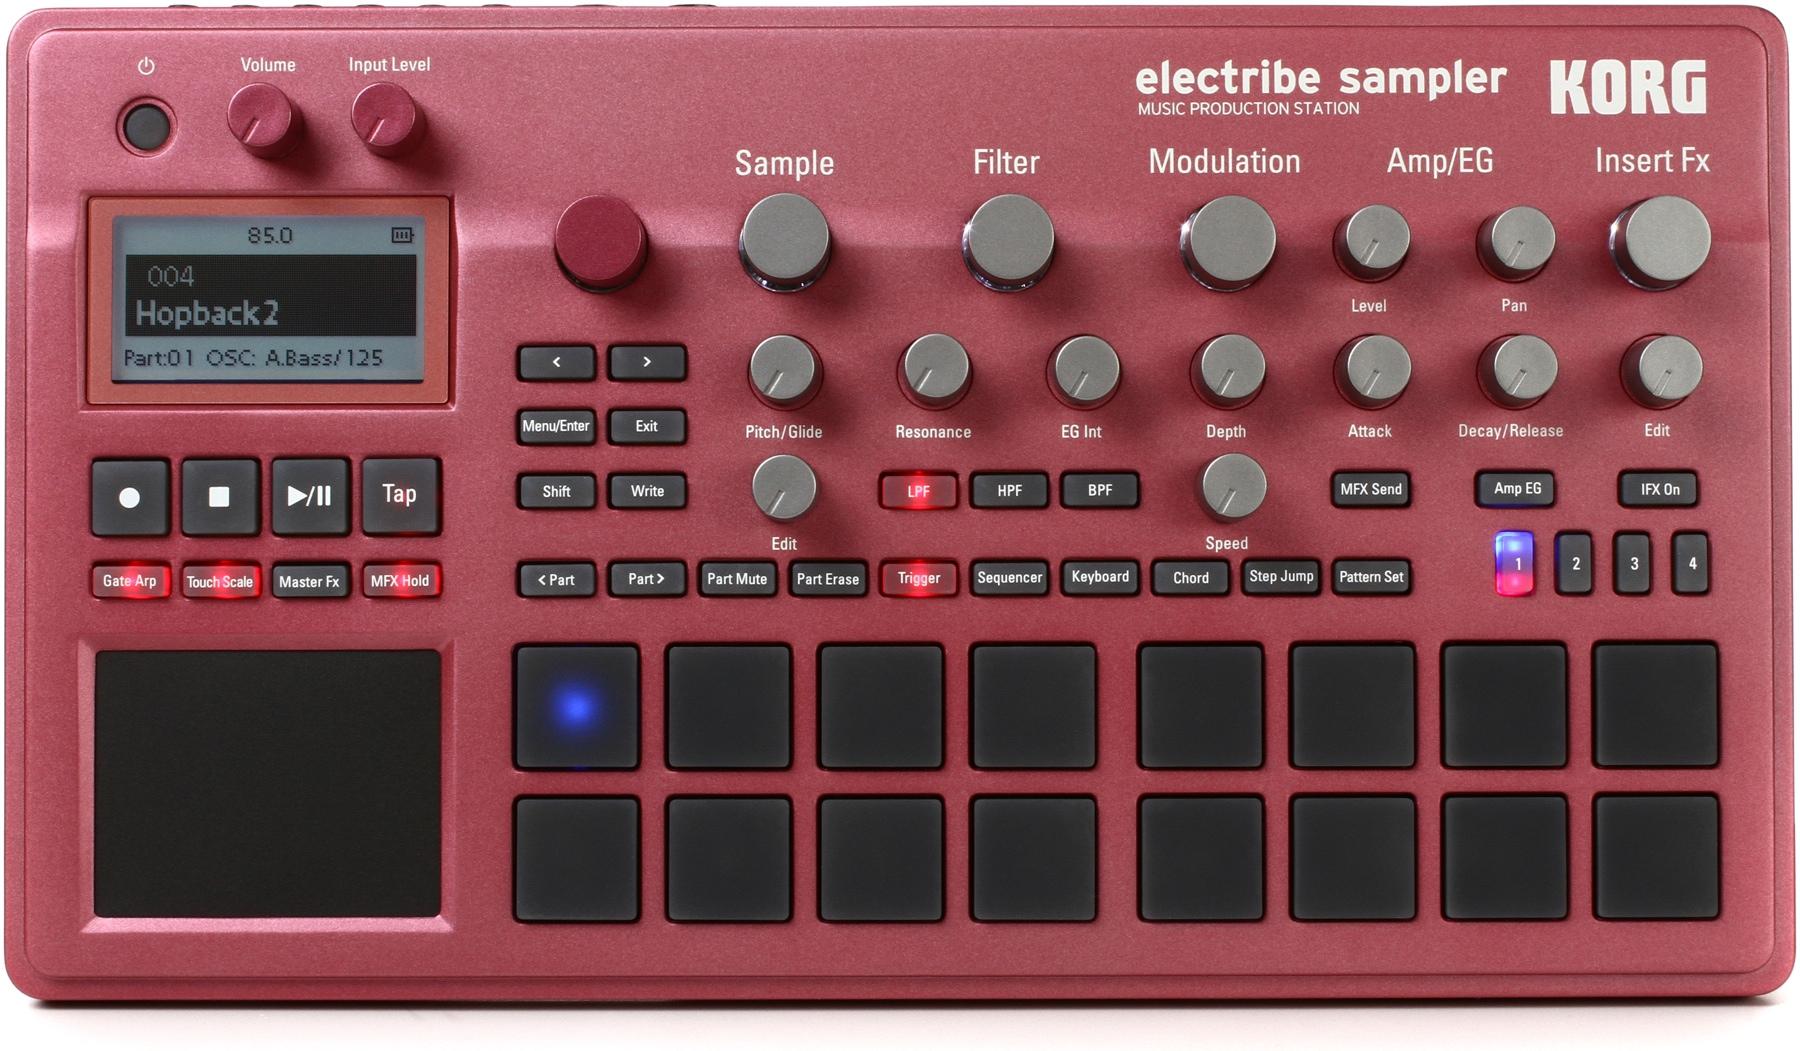 3. Korg Electribe Sampler, Metallic Red